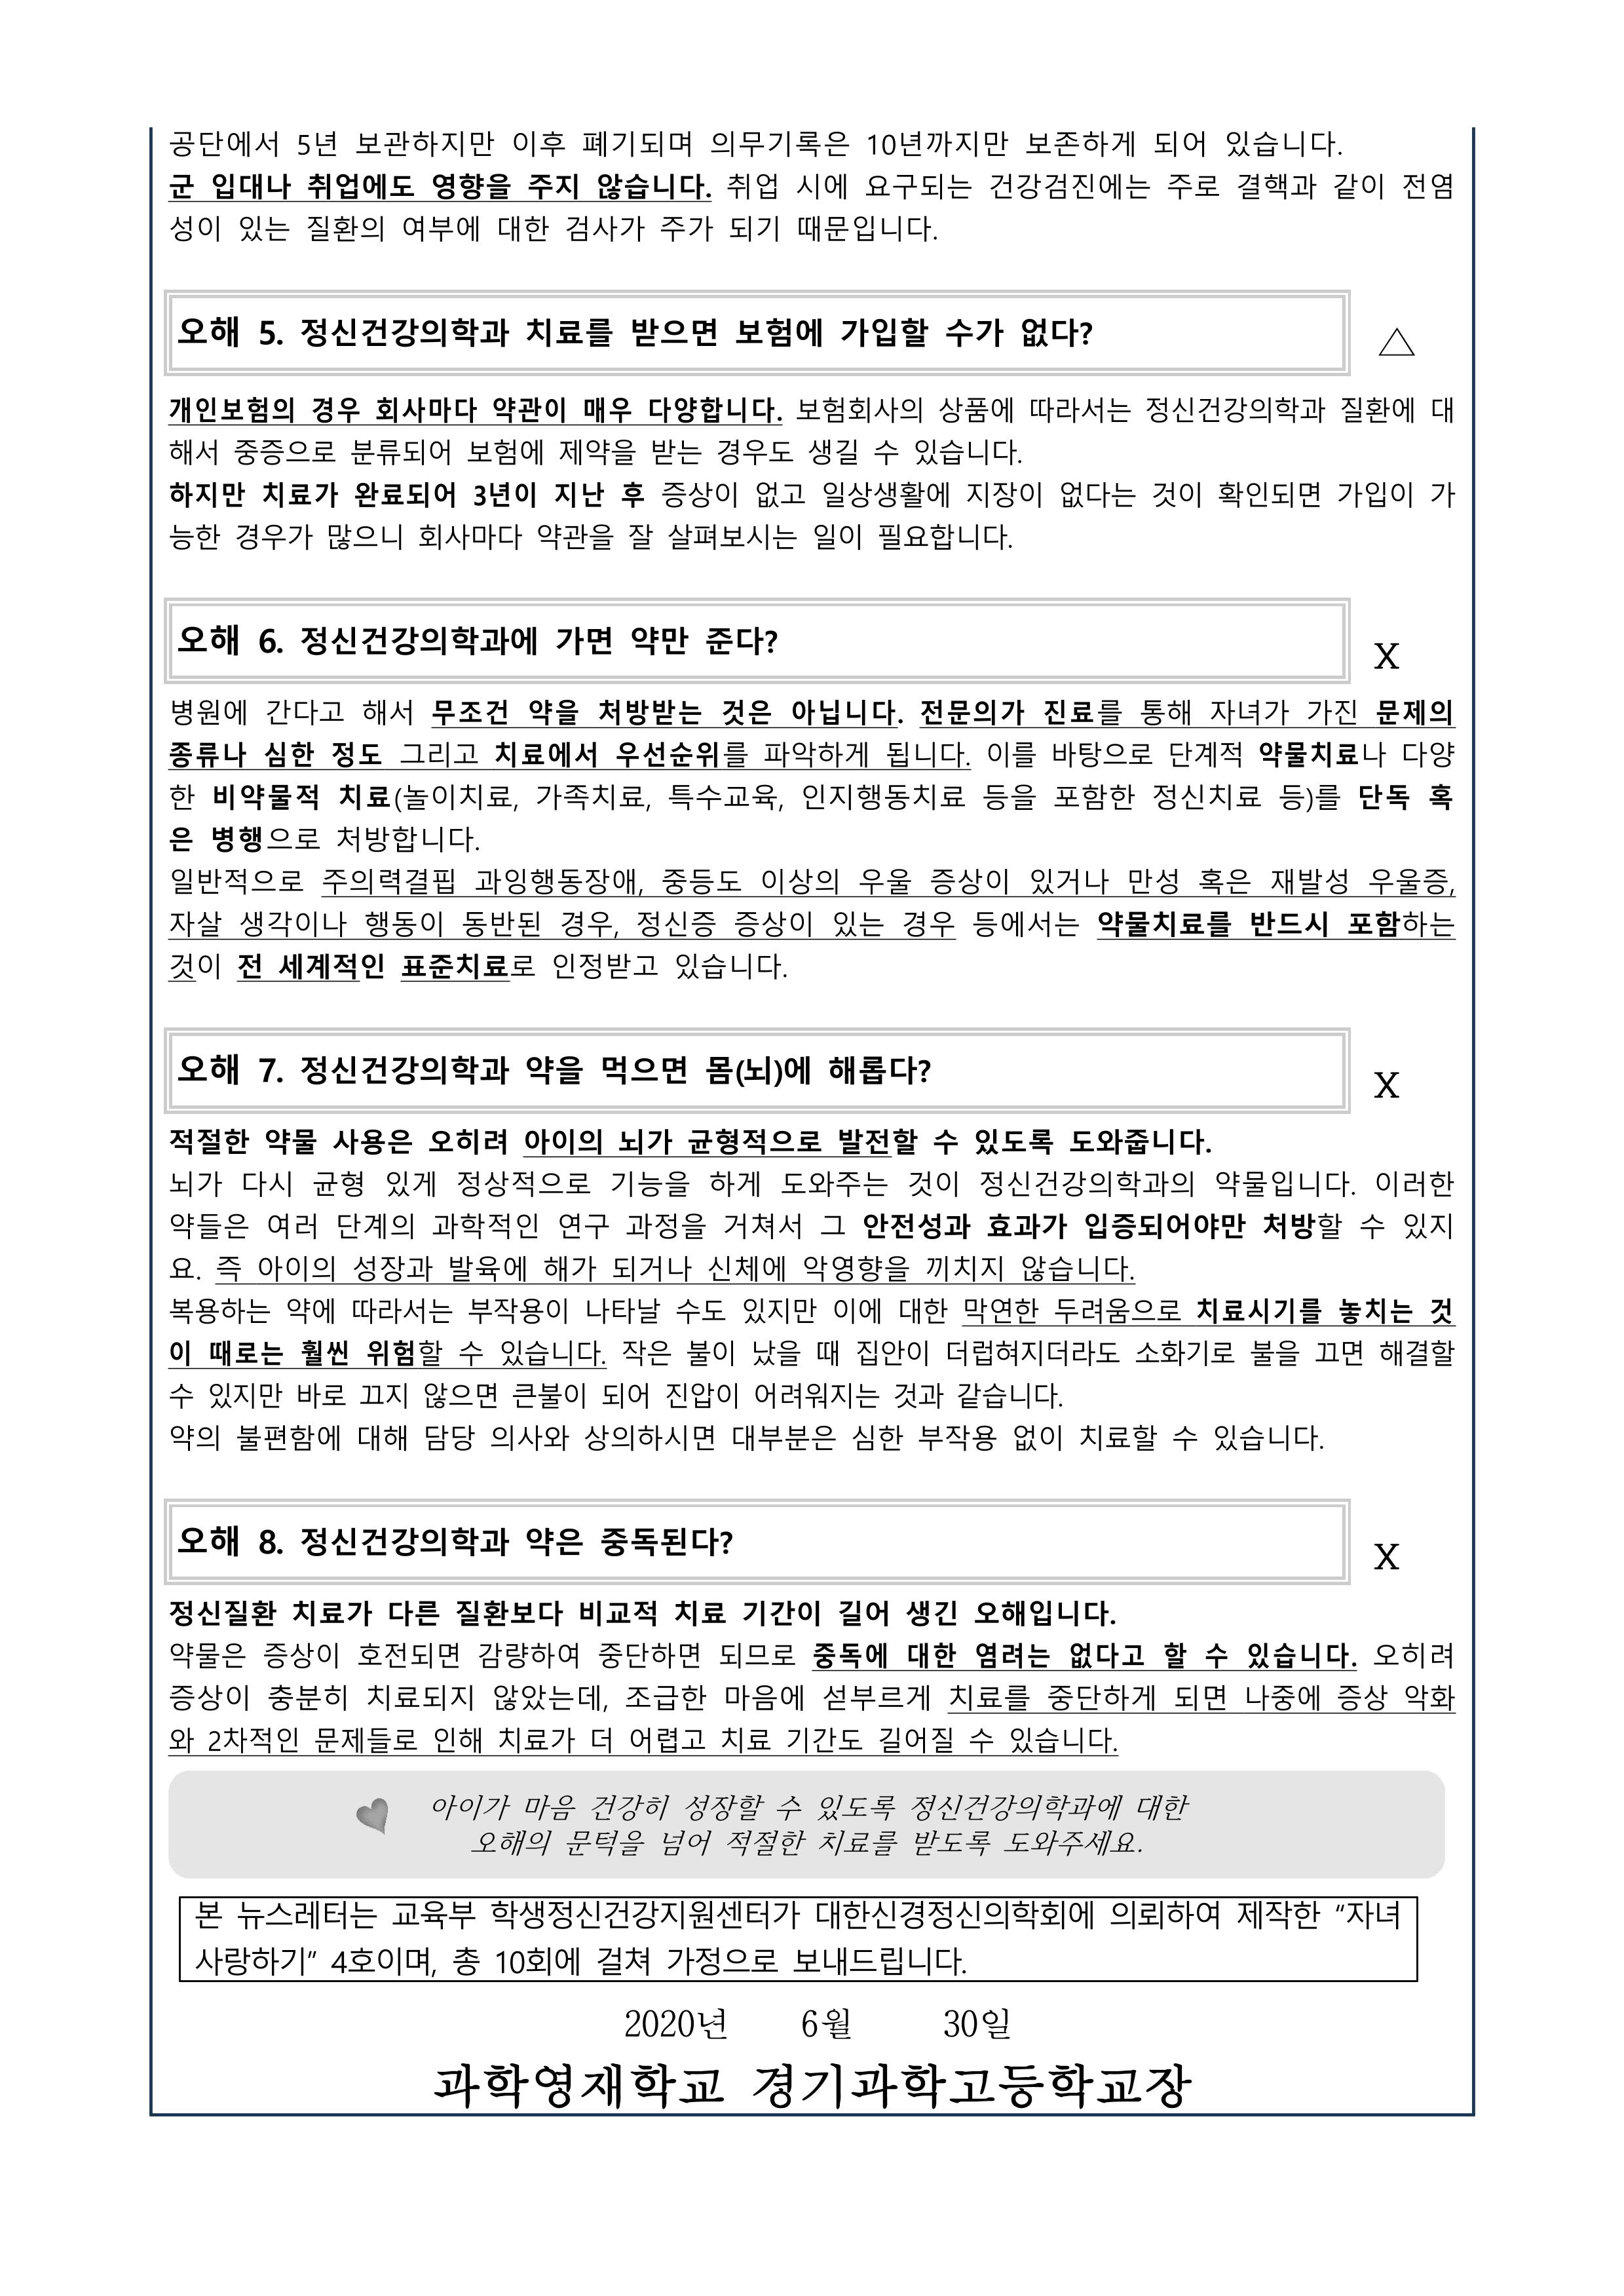 뉴스레터 자녀사랑하기 제2020-4호 가정통신문 2Page.